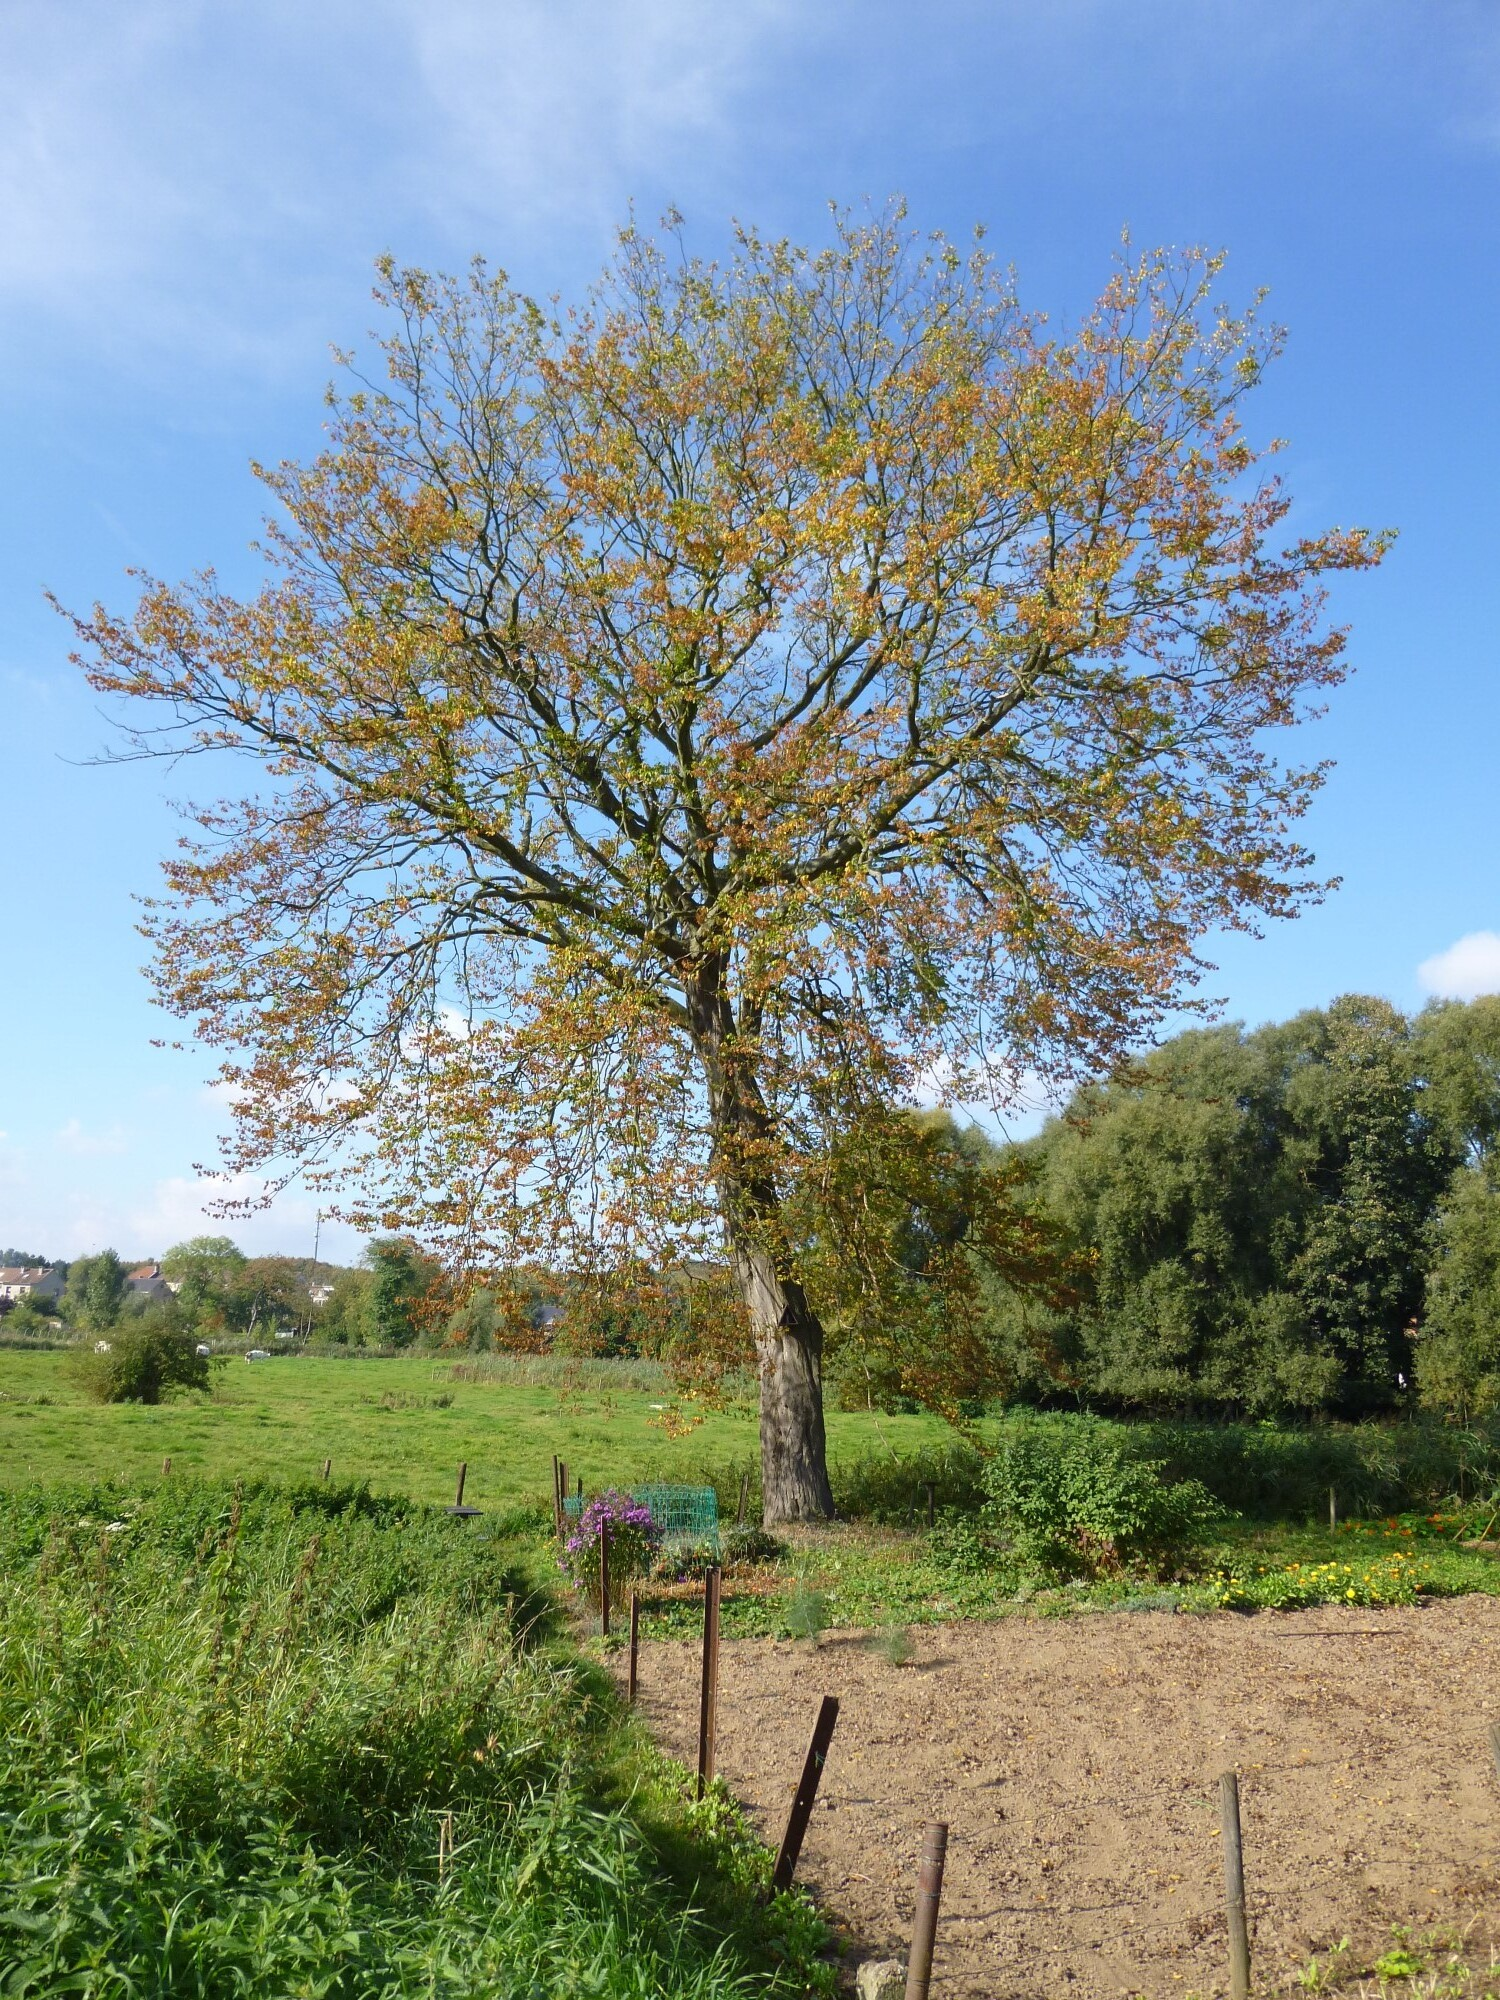 Charme commun – Berchem-Sainte-Agathe, Kattebroeck, Rue des Chats, 84 –  08 Octobre 2013